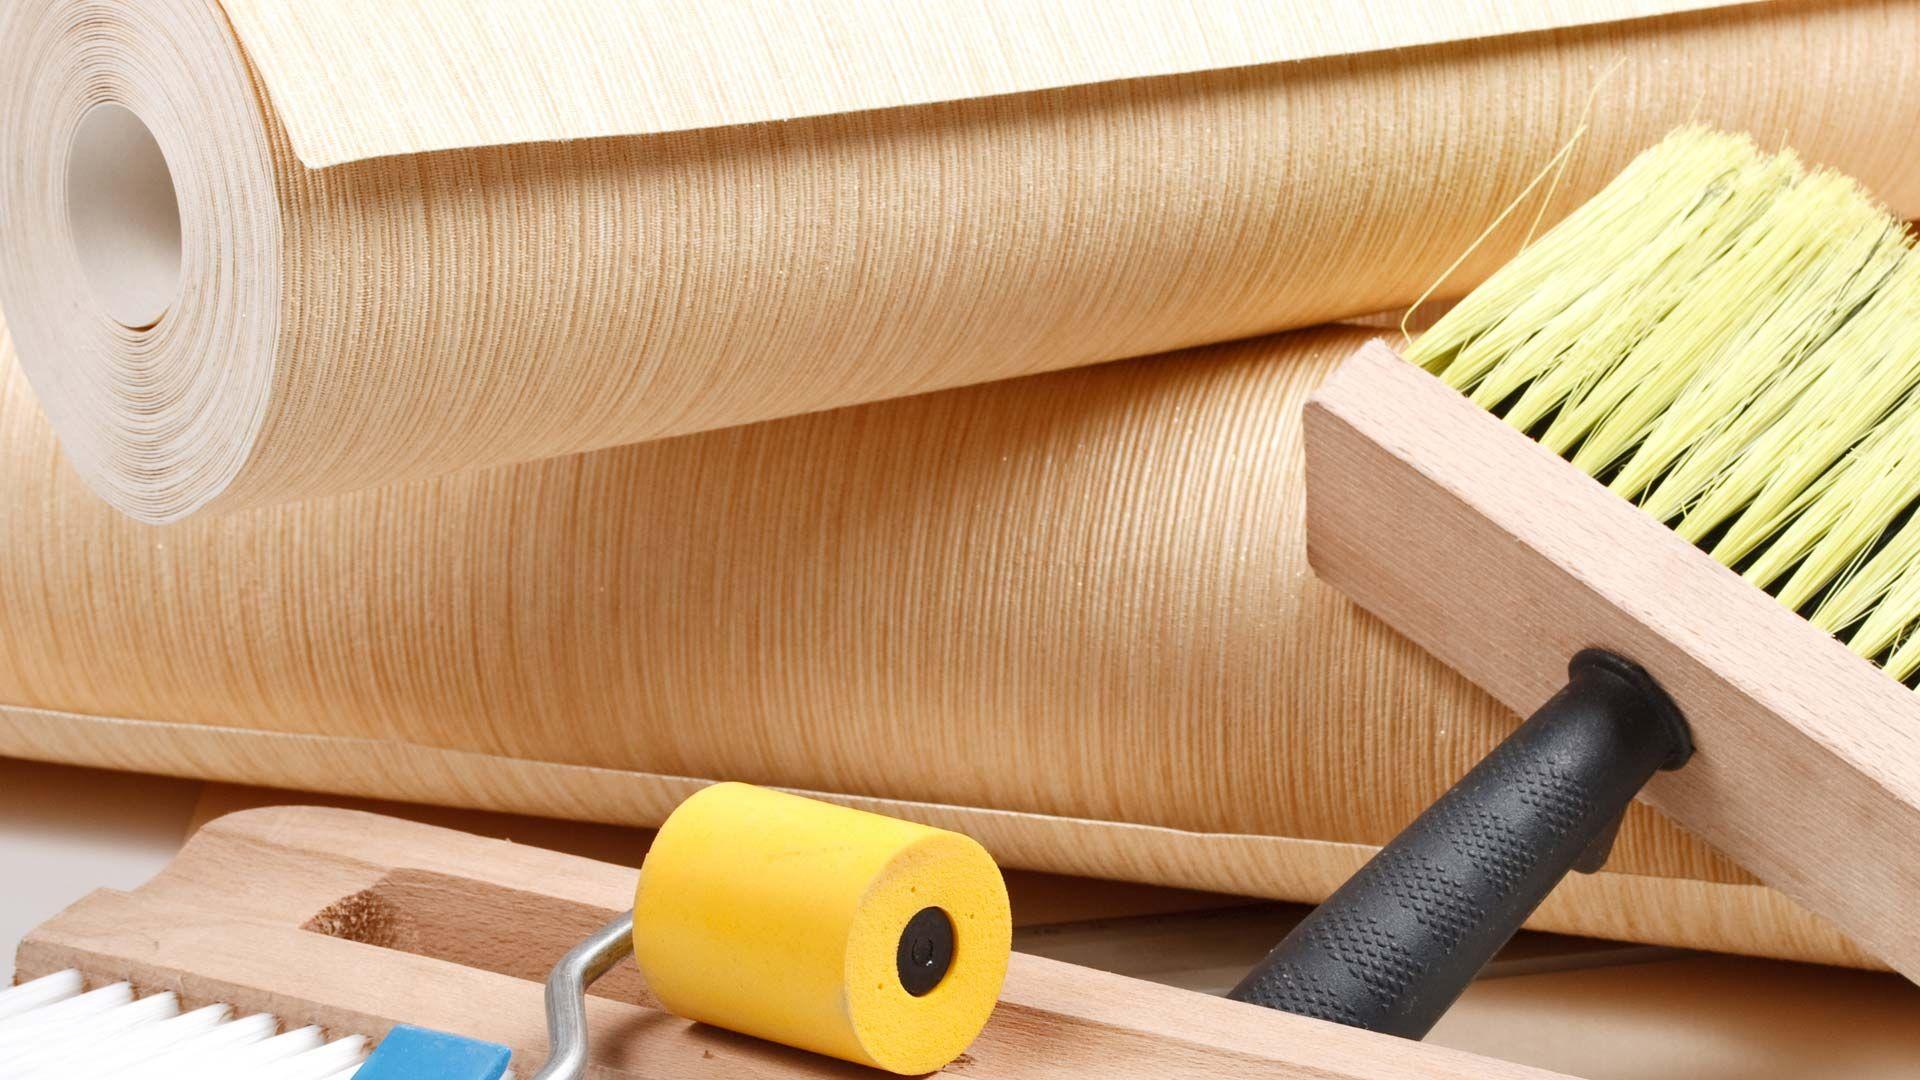 Wallpaper is Making a Comeback   Remove wallpaper glue ...